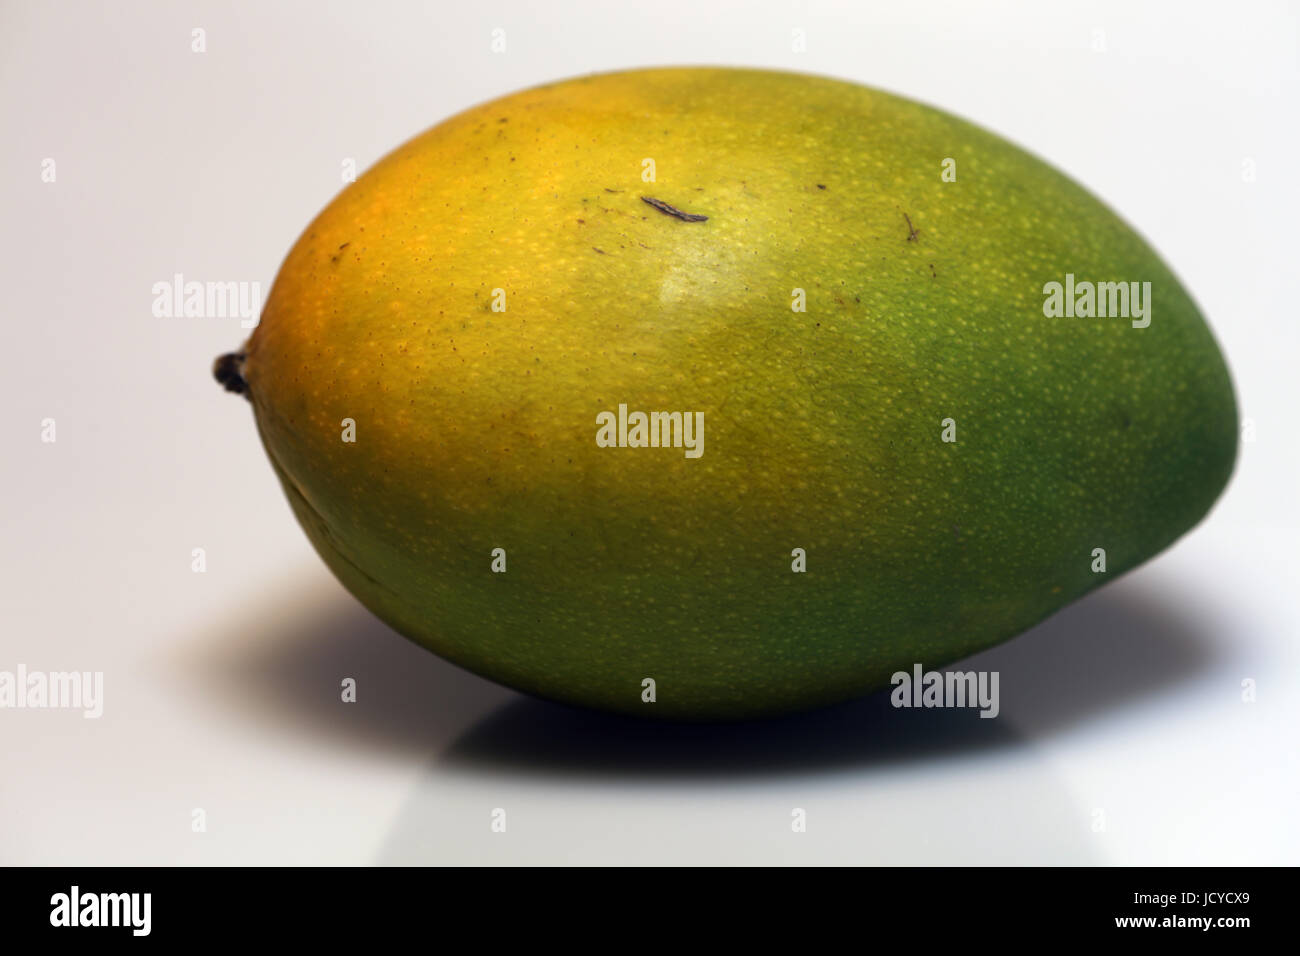 Mango - Stock Image